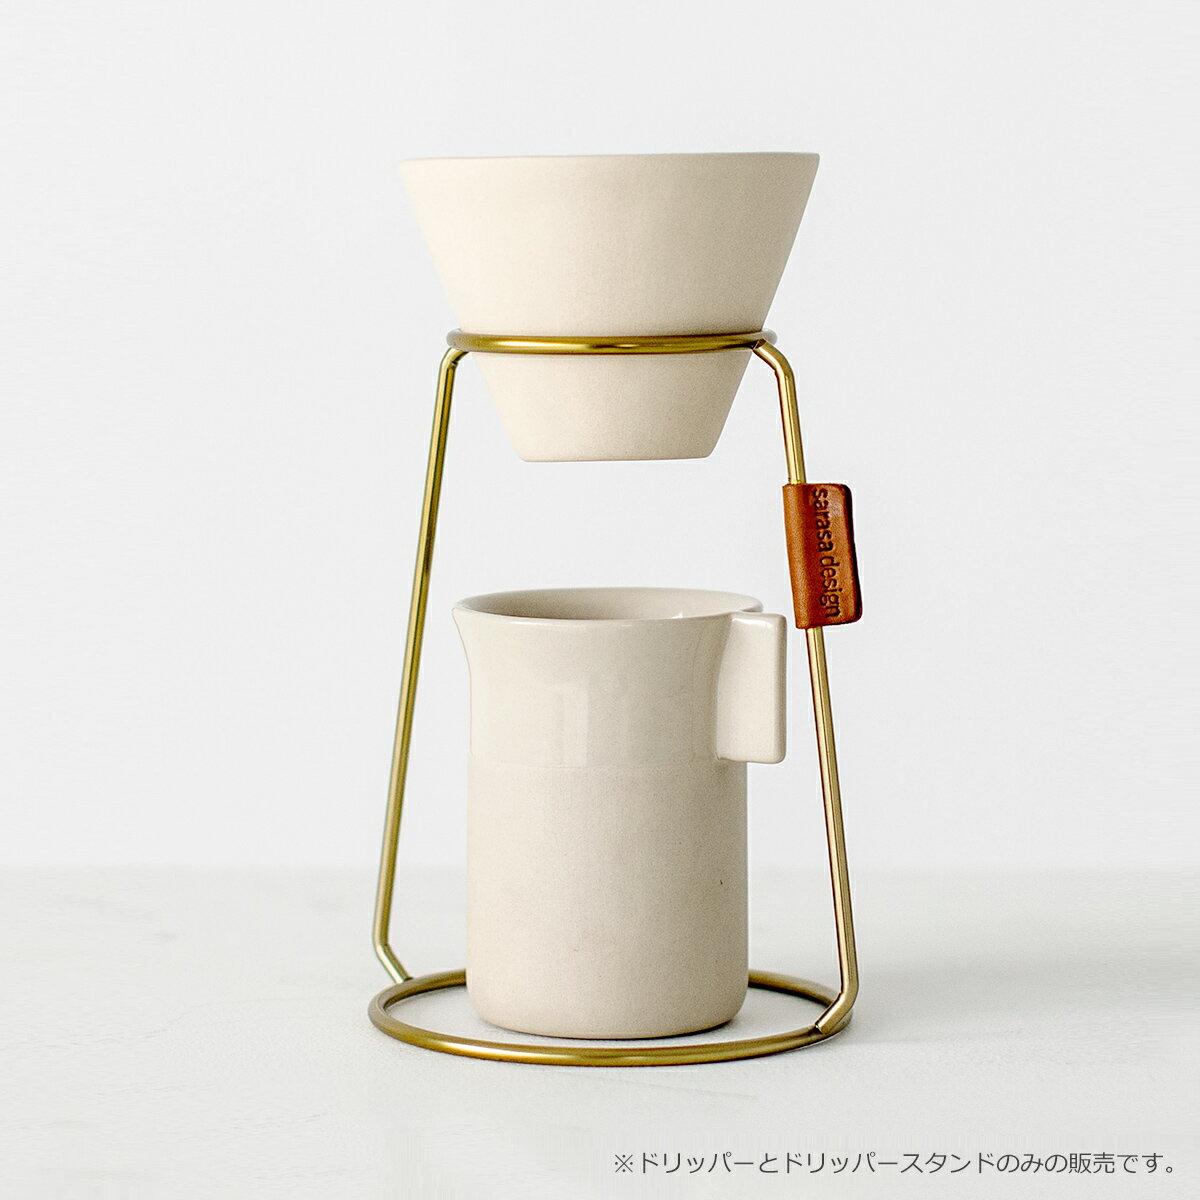 コーヒー ドリッパー 珈琲[セット販売●b2c コーヒードリッパースタンド&ドリッパーセット(ストーンウェア)]ギフト#SL_TB